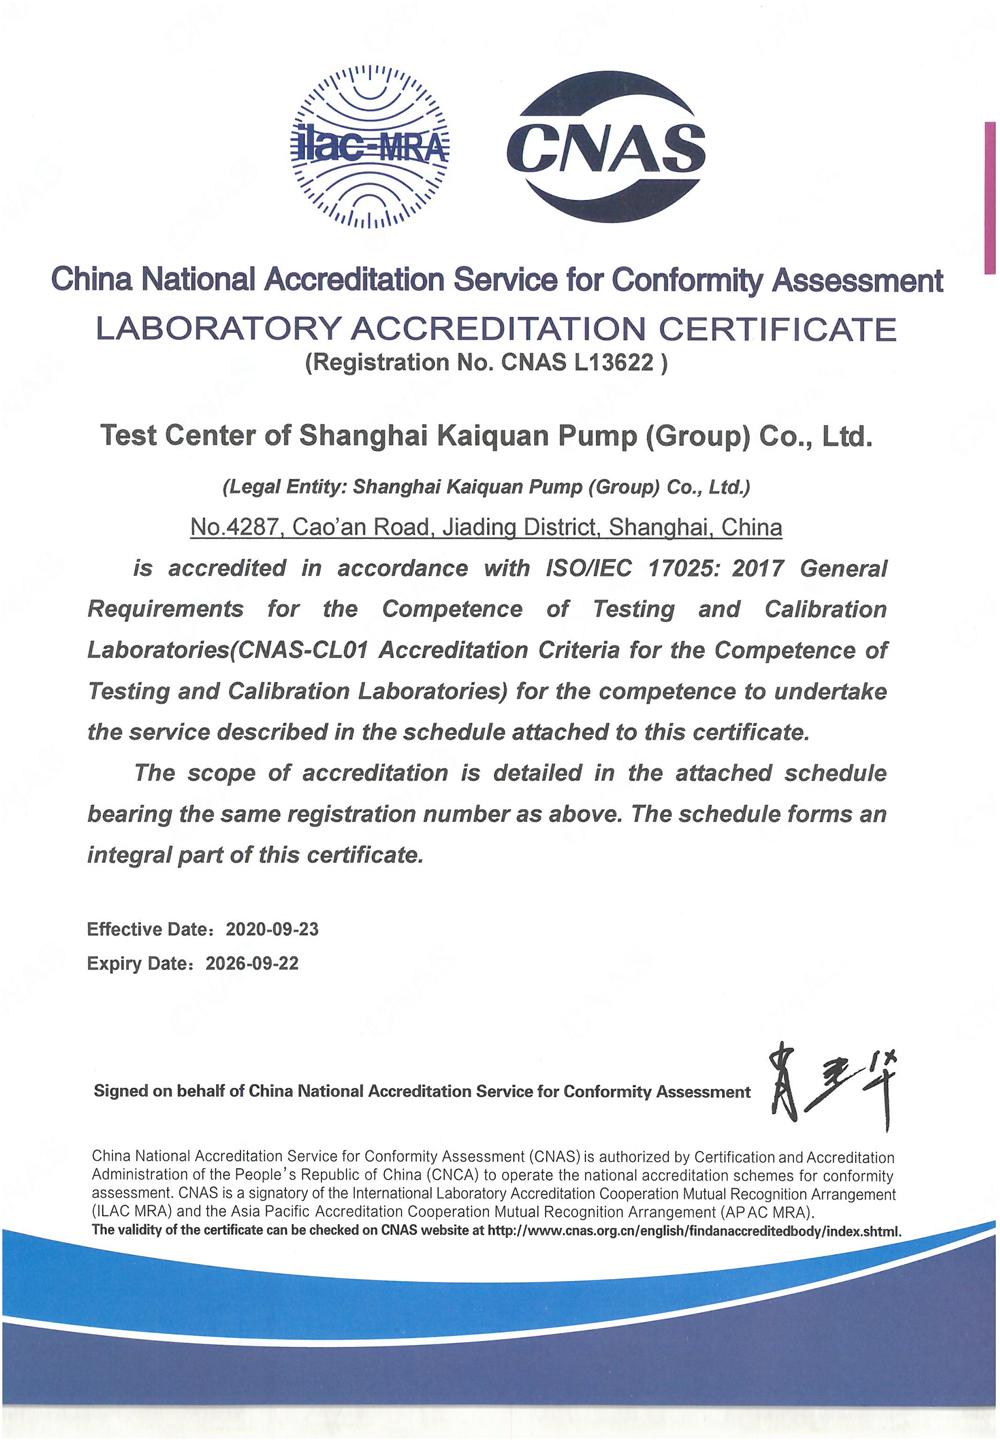 上海凯泉-CNAS证书英文版-有效期至20260922